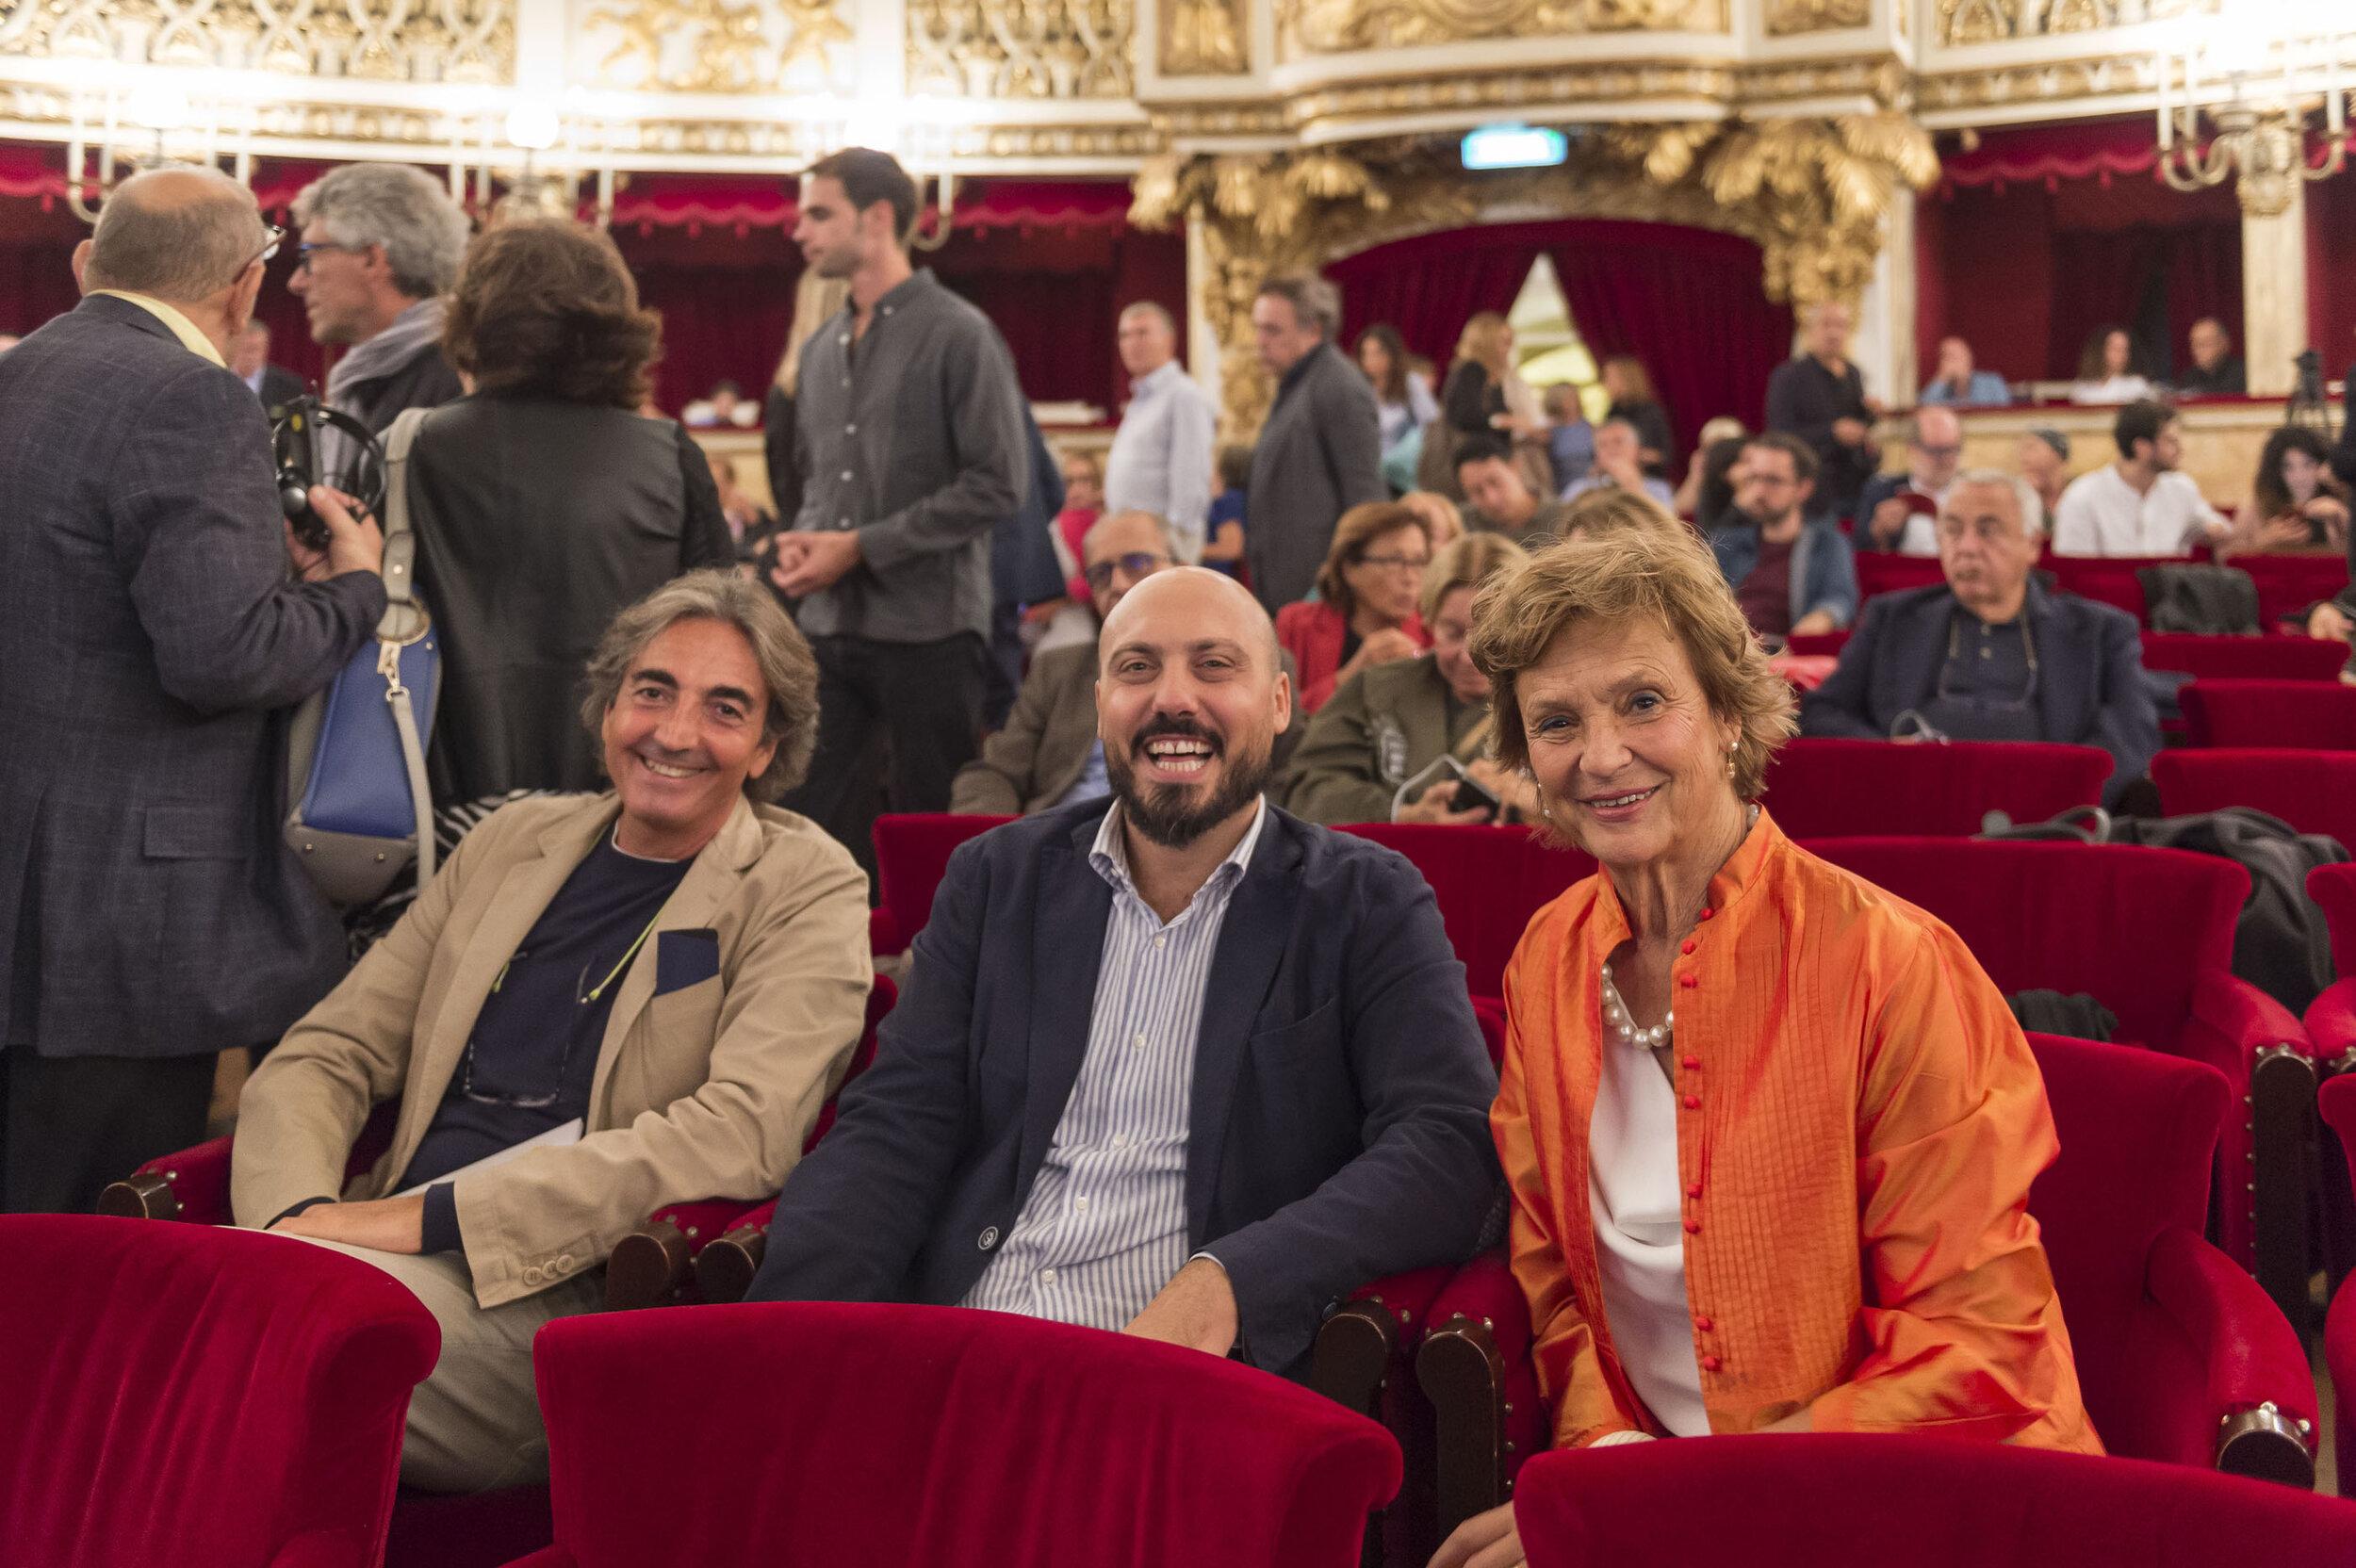 Artecinema 2019_ph Francesco Squeglia_8560.jpg